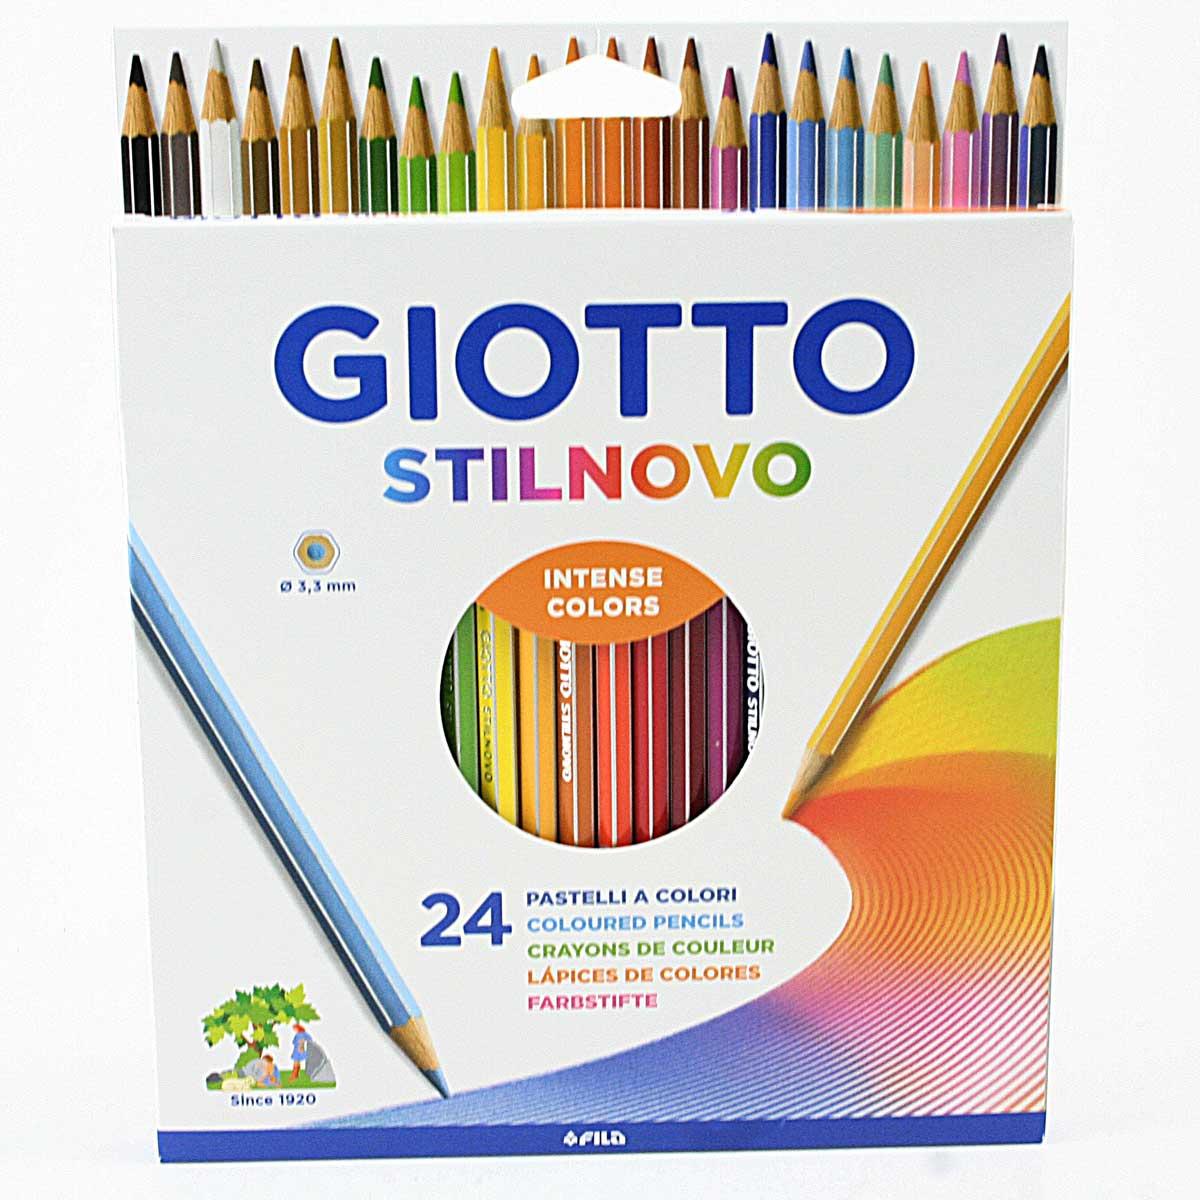 Astuccio Di Natura 36 Pastelli Colorati Giotto 240800 Astuccio Di Natura 12 Pastelli Colorati Multicolore /& 240600